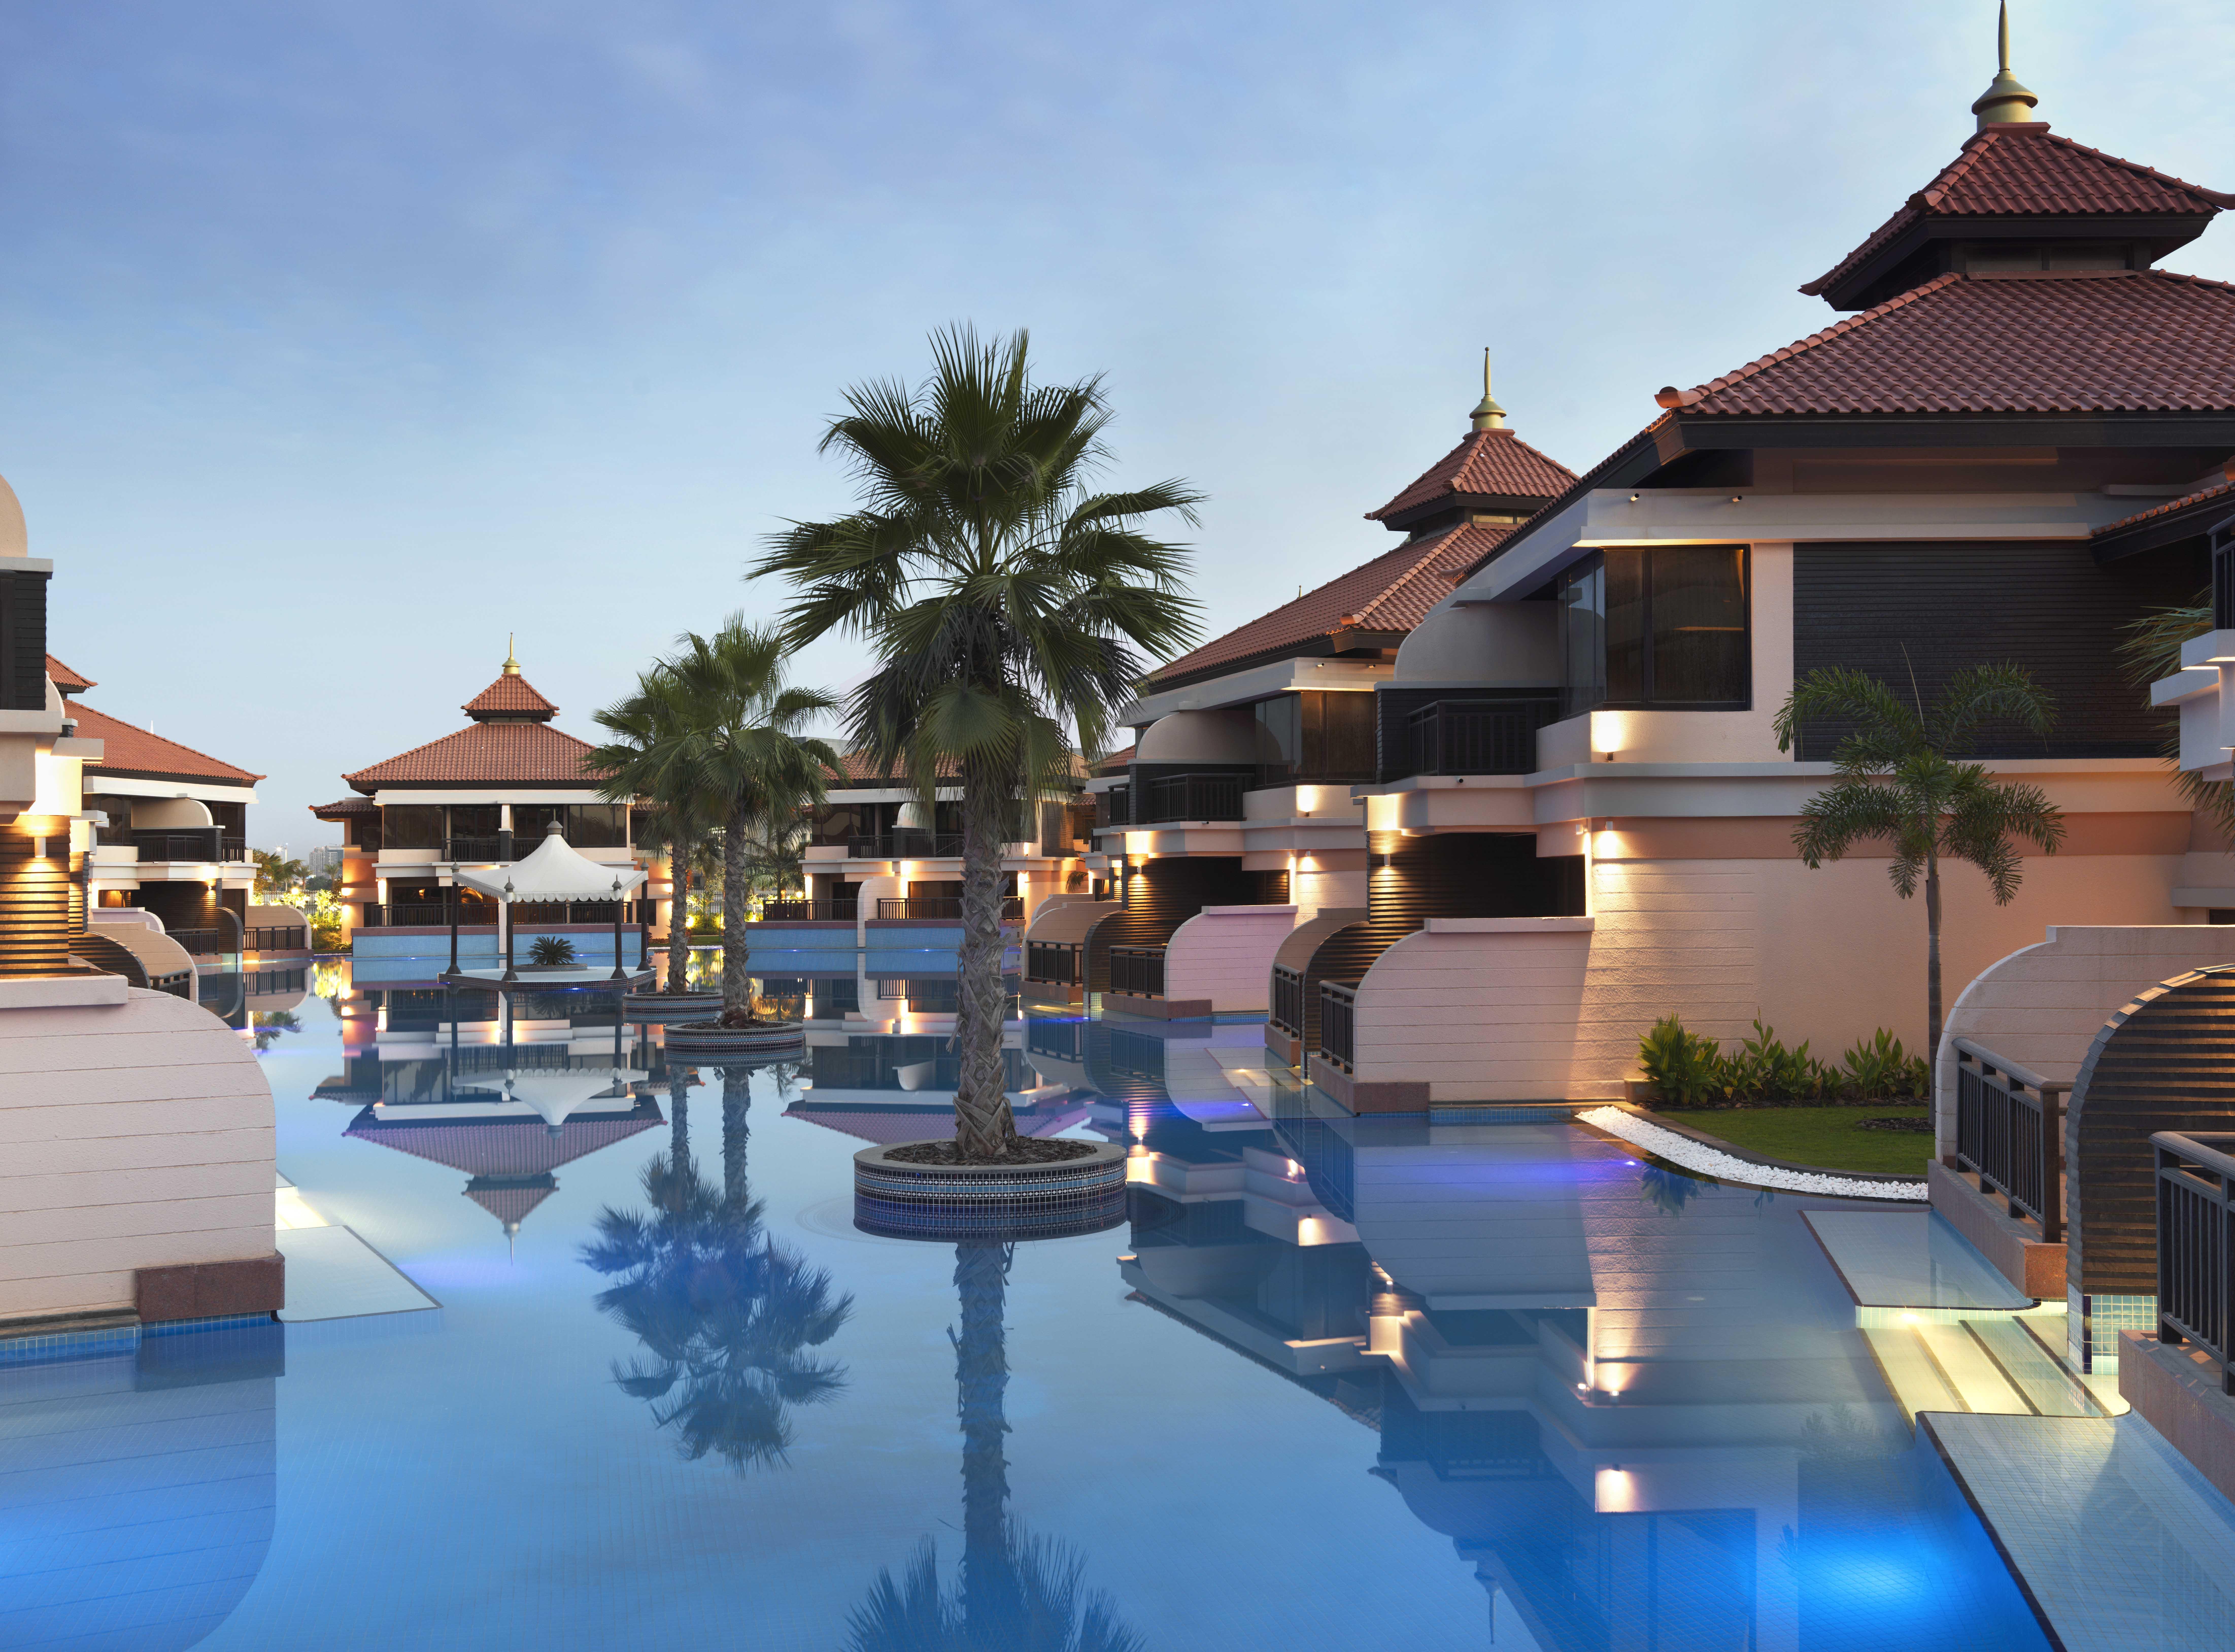 anantara-the-palm-dubai-resort-hotel